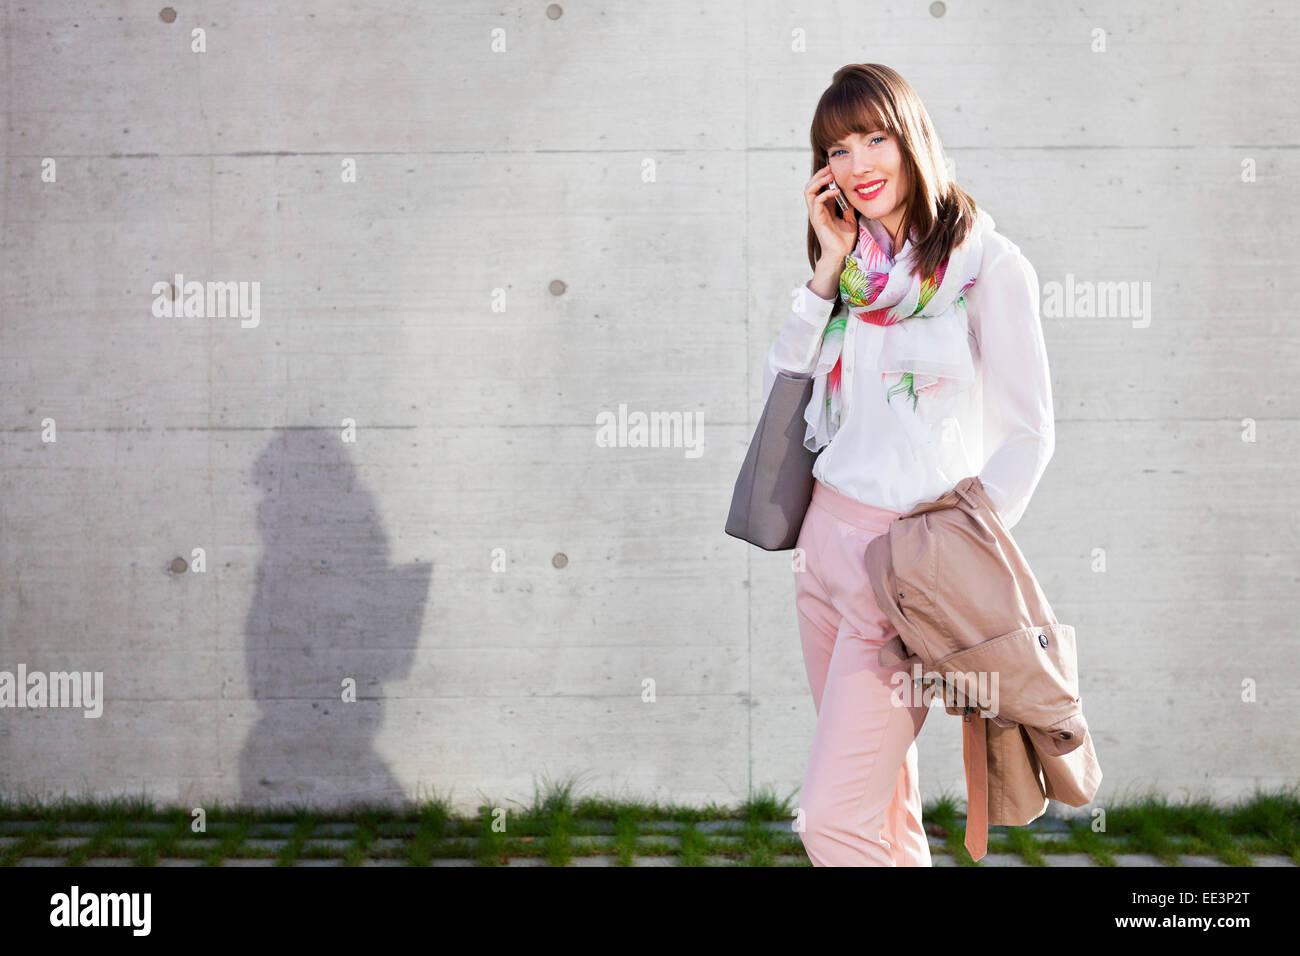 Jeune femme à l'extérieur, Munich, Bavière, Allemagne Photo Stock